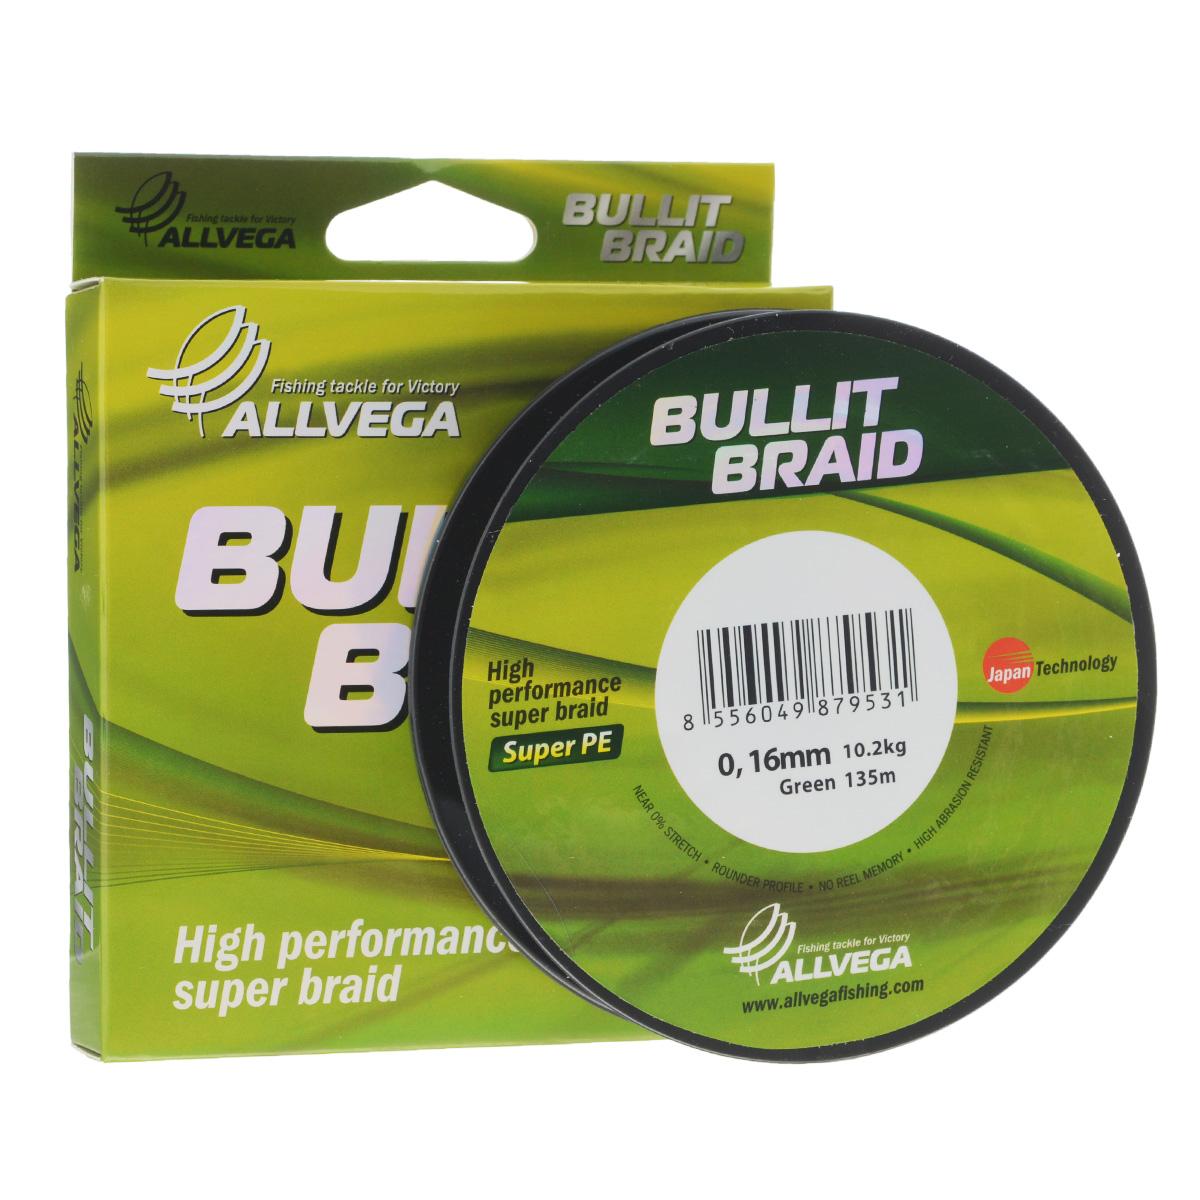 Леска плетеная Allvega Bullit Braid, цвет: темно-зеленый, 135 м, 0,16 мм, 10,2 кгPGPS7797CIS08GBNVЛеска Allvega Bullit Braid с гладкой поверхностью и одинаковым сечением по всей длине обладает высокой износостойкостью. Благодаря микроволокнам полиэтилена (Super PE) леска имеет очень плотное плетение и не впитывает воду. Леску Allvega Bullit Braid можно применять в любых типах водоемов. Особенности:повышенная износостойкость;высокая чувствительность - коэффициент растяжения близок к нулю;отсутствует память; идеально гладкая поверхность позволяет увеличить дальность забросов; высокая прочность шнура на узлах.